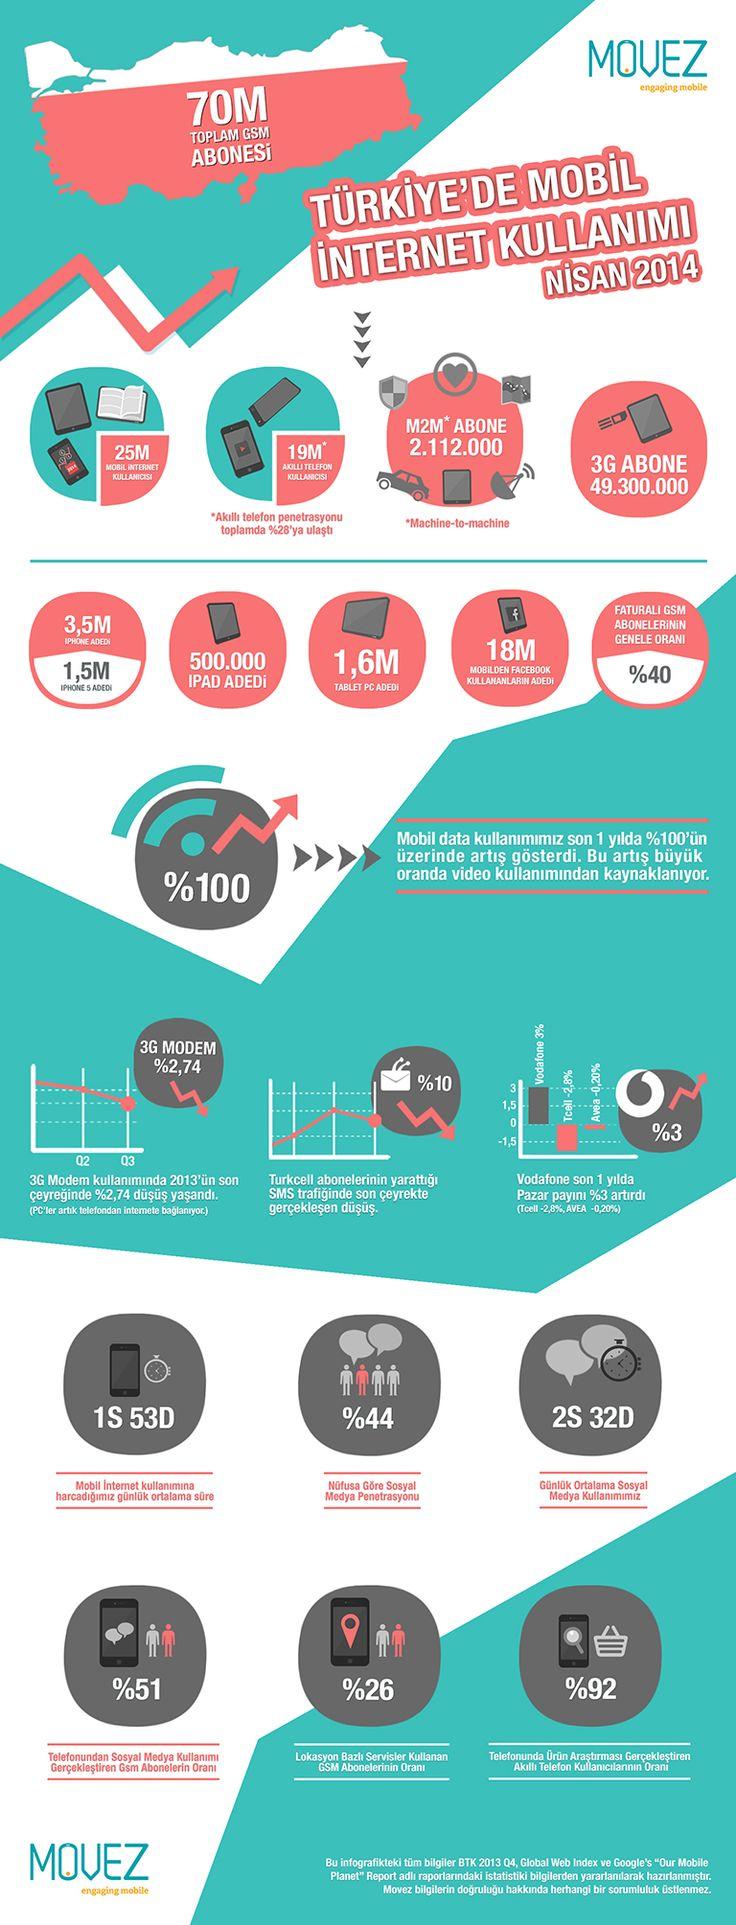 Türkiye'de mobil internet kullanımı [İnfografik]